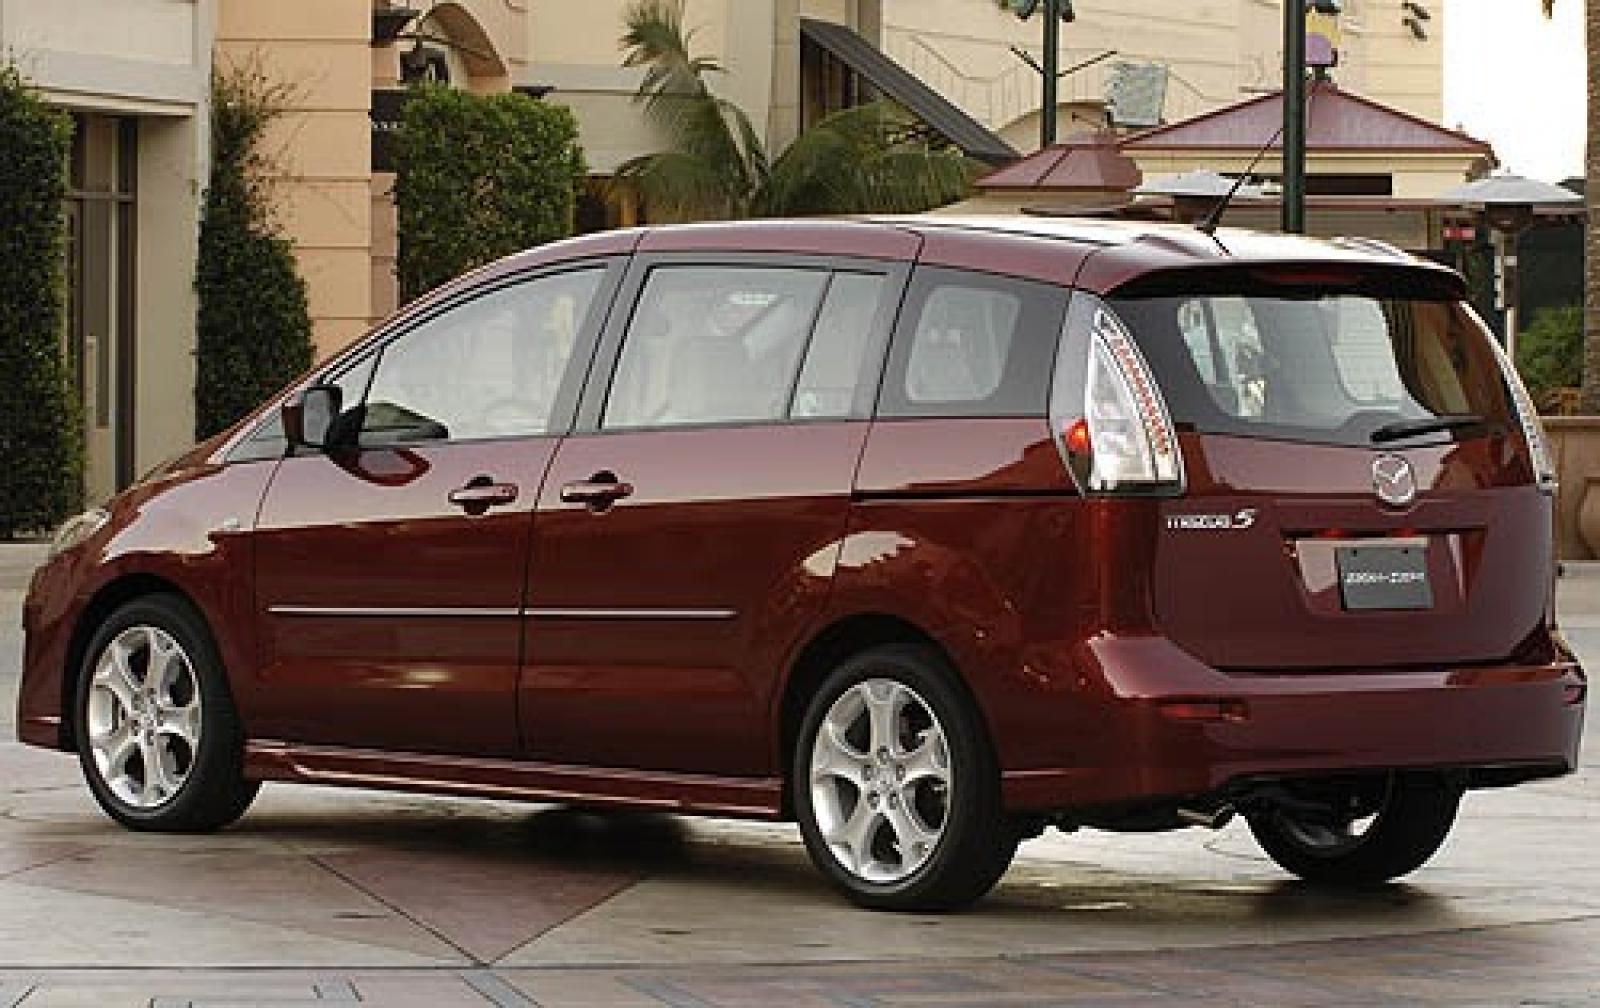 800 1024 1280 1600 Origin 2008 Mazda